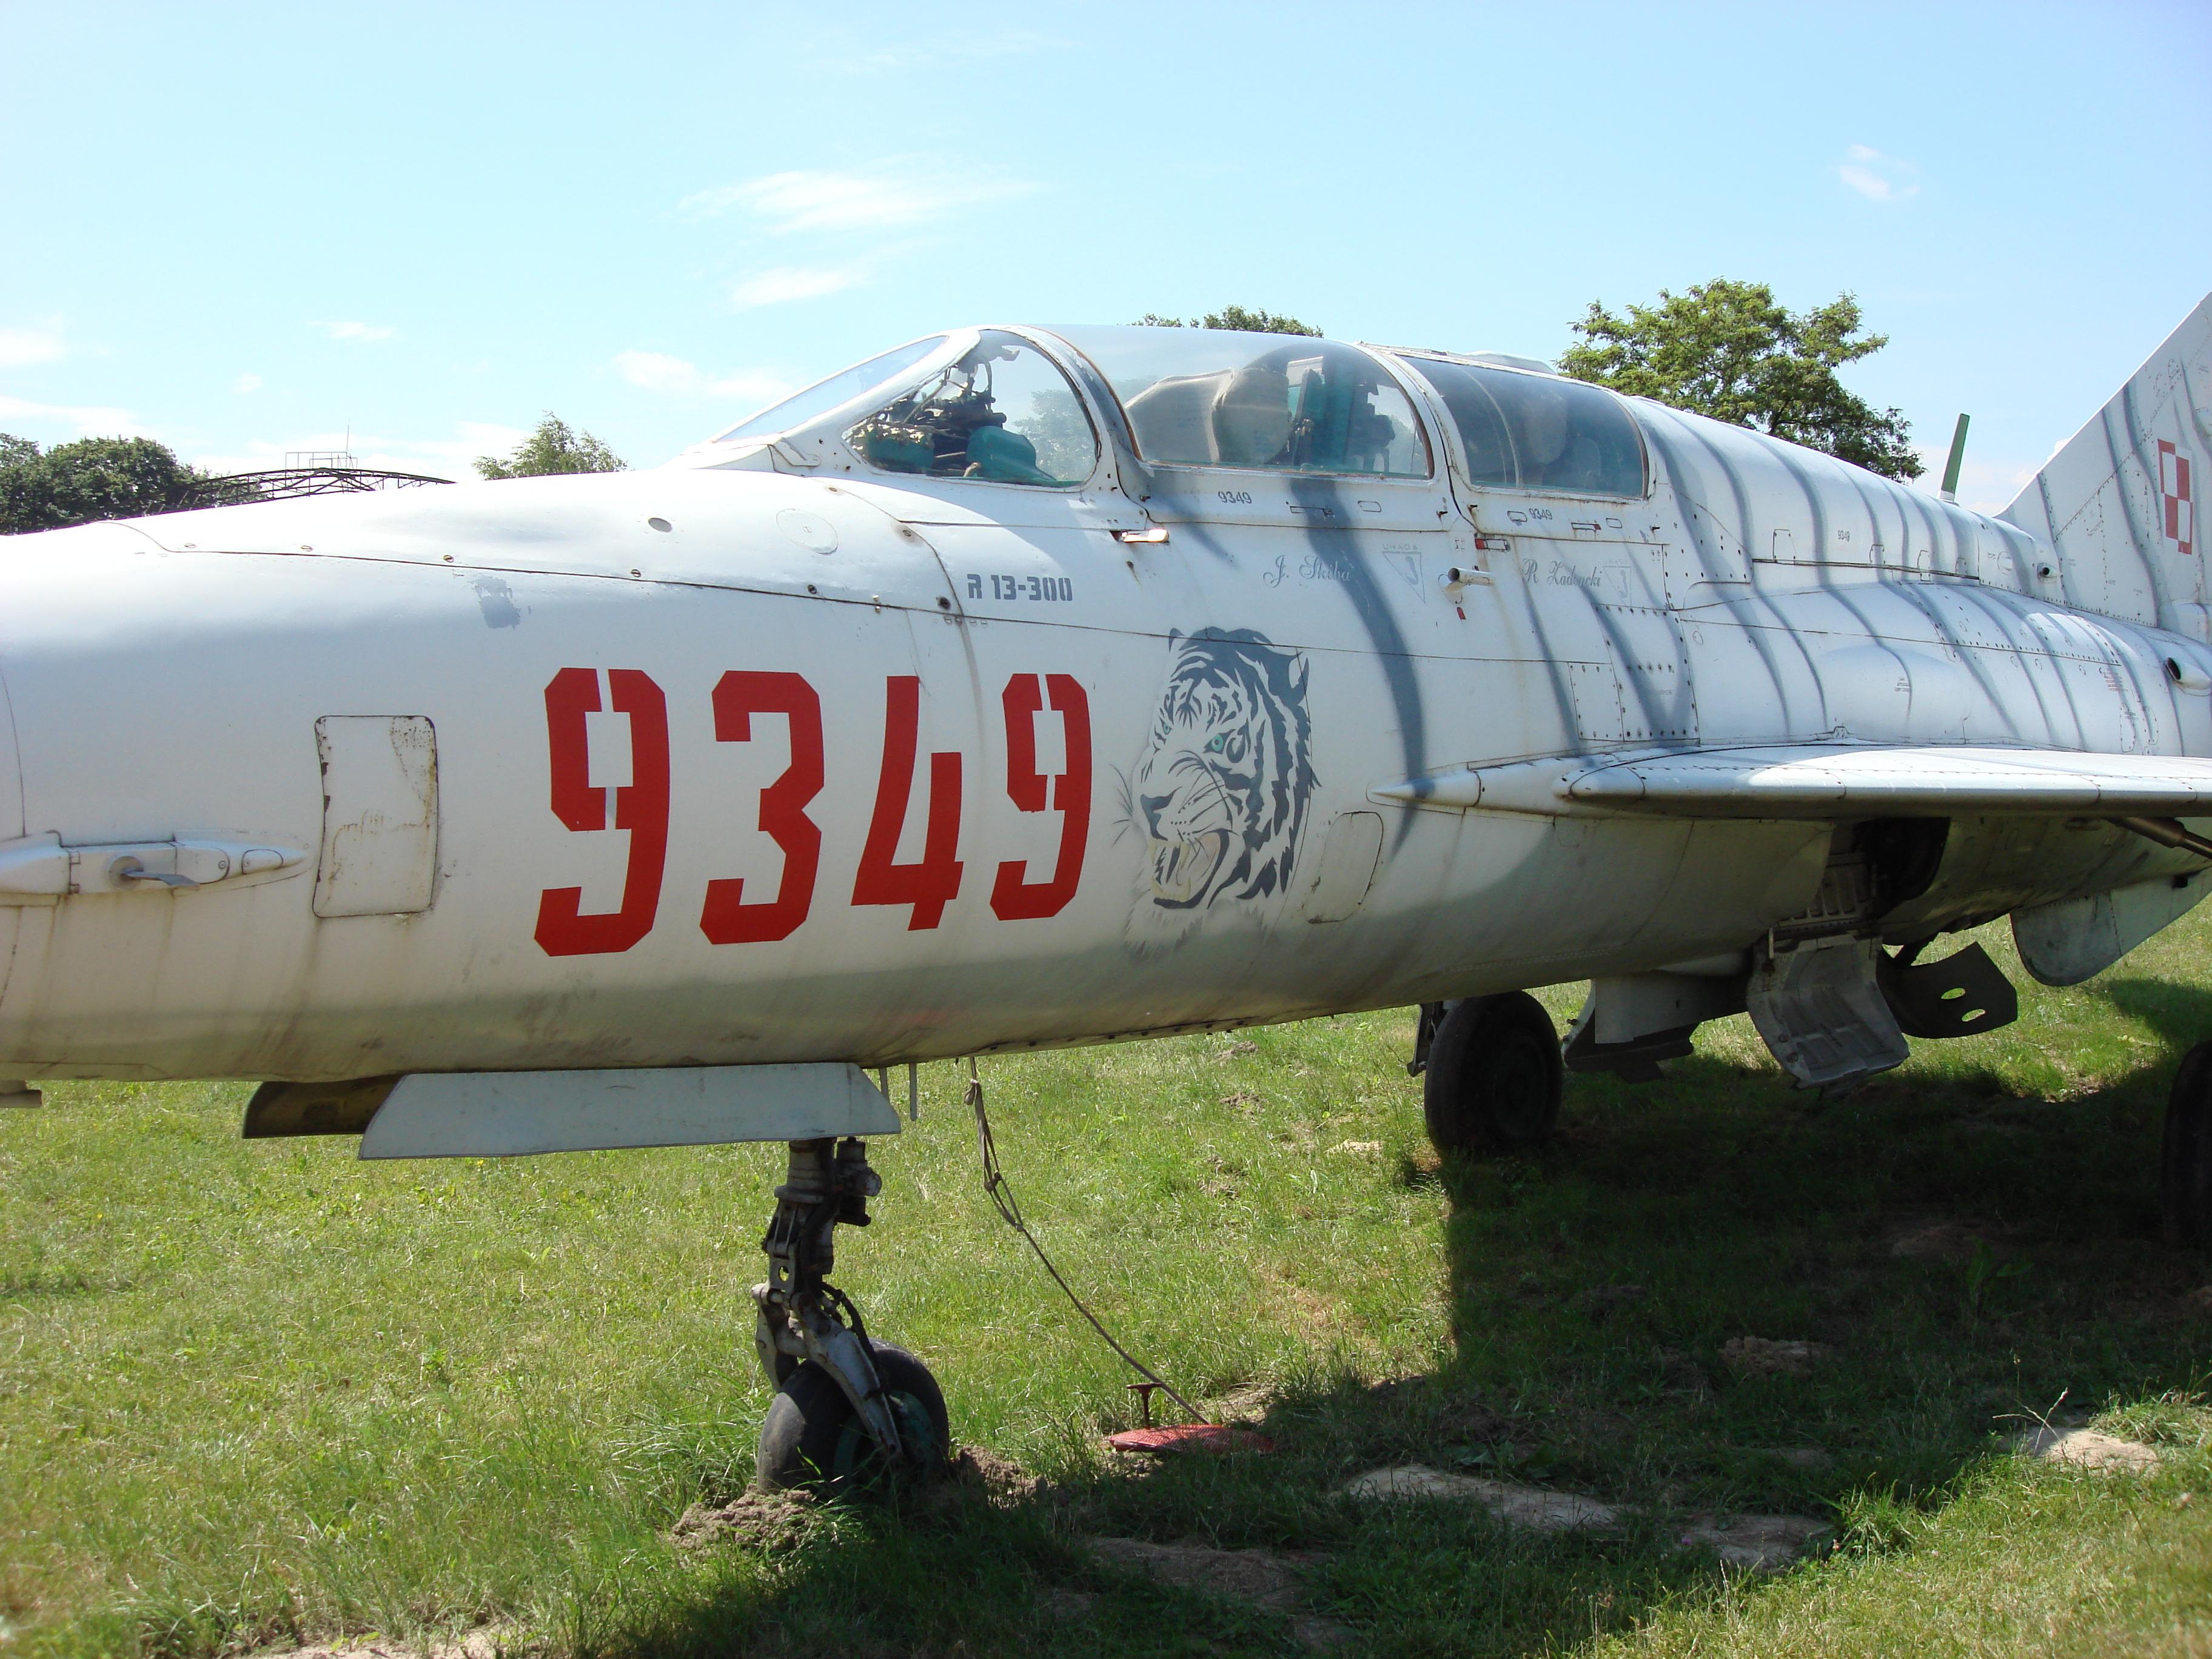 MiG-21 UM nb 9349. Czyżyny 2007 rok. Zdjęcie Karol Placha Hetman